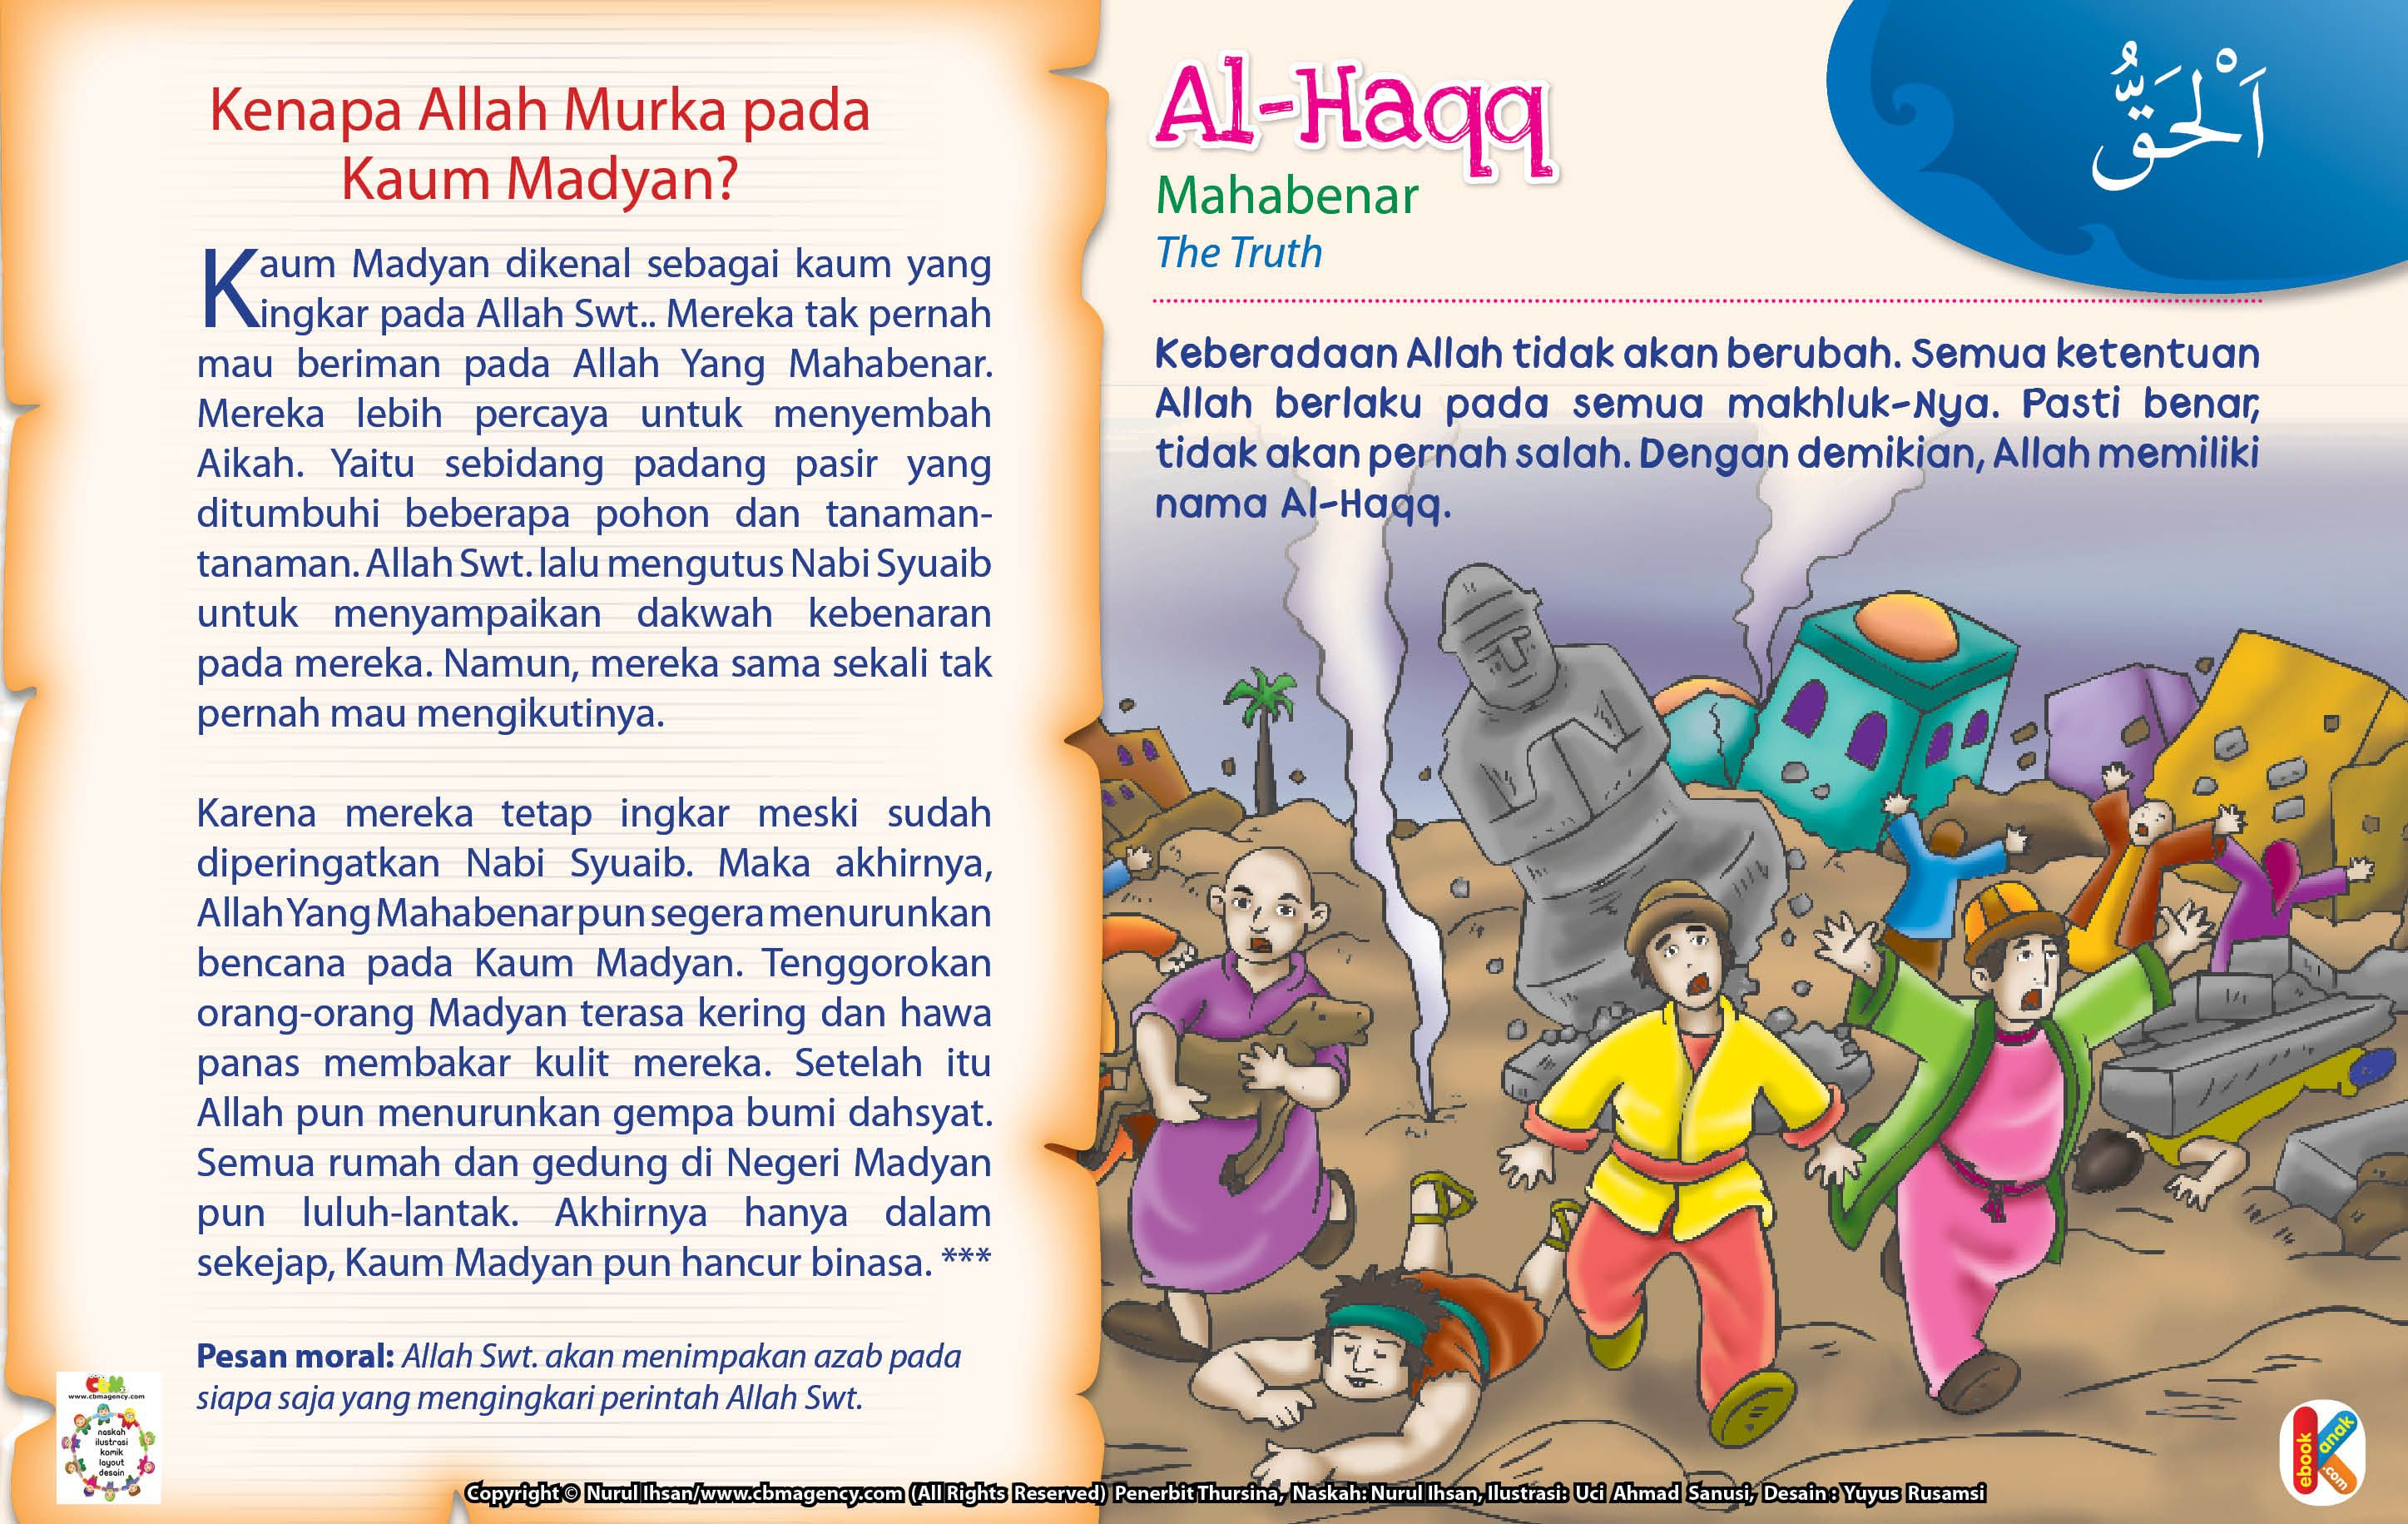 Kisah Asma'ul Husna AlHaqq Anak, Iman, Sahabat